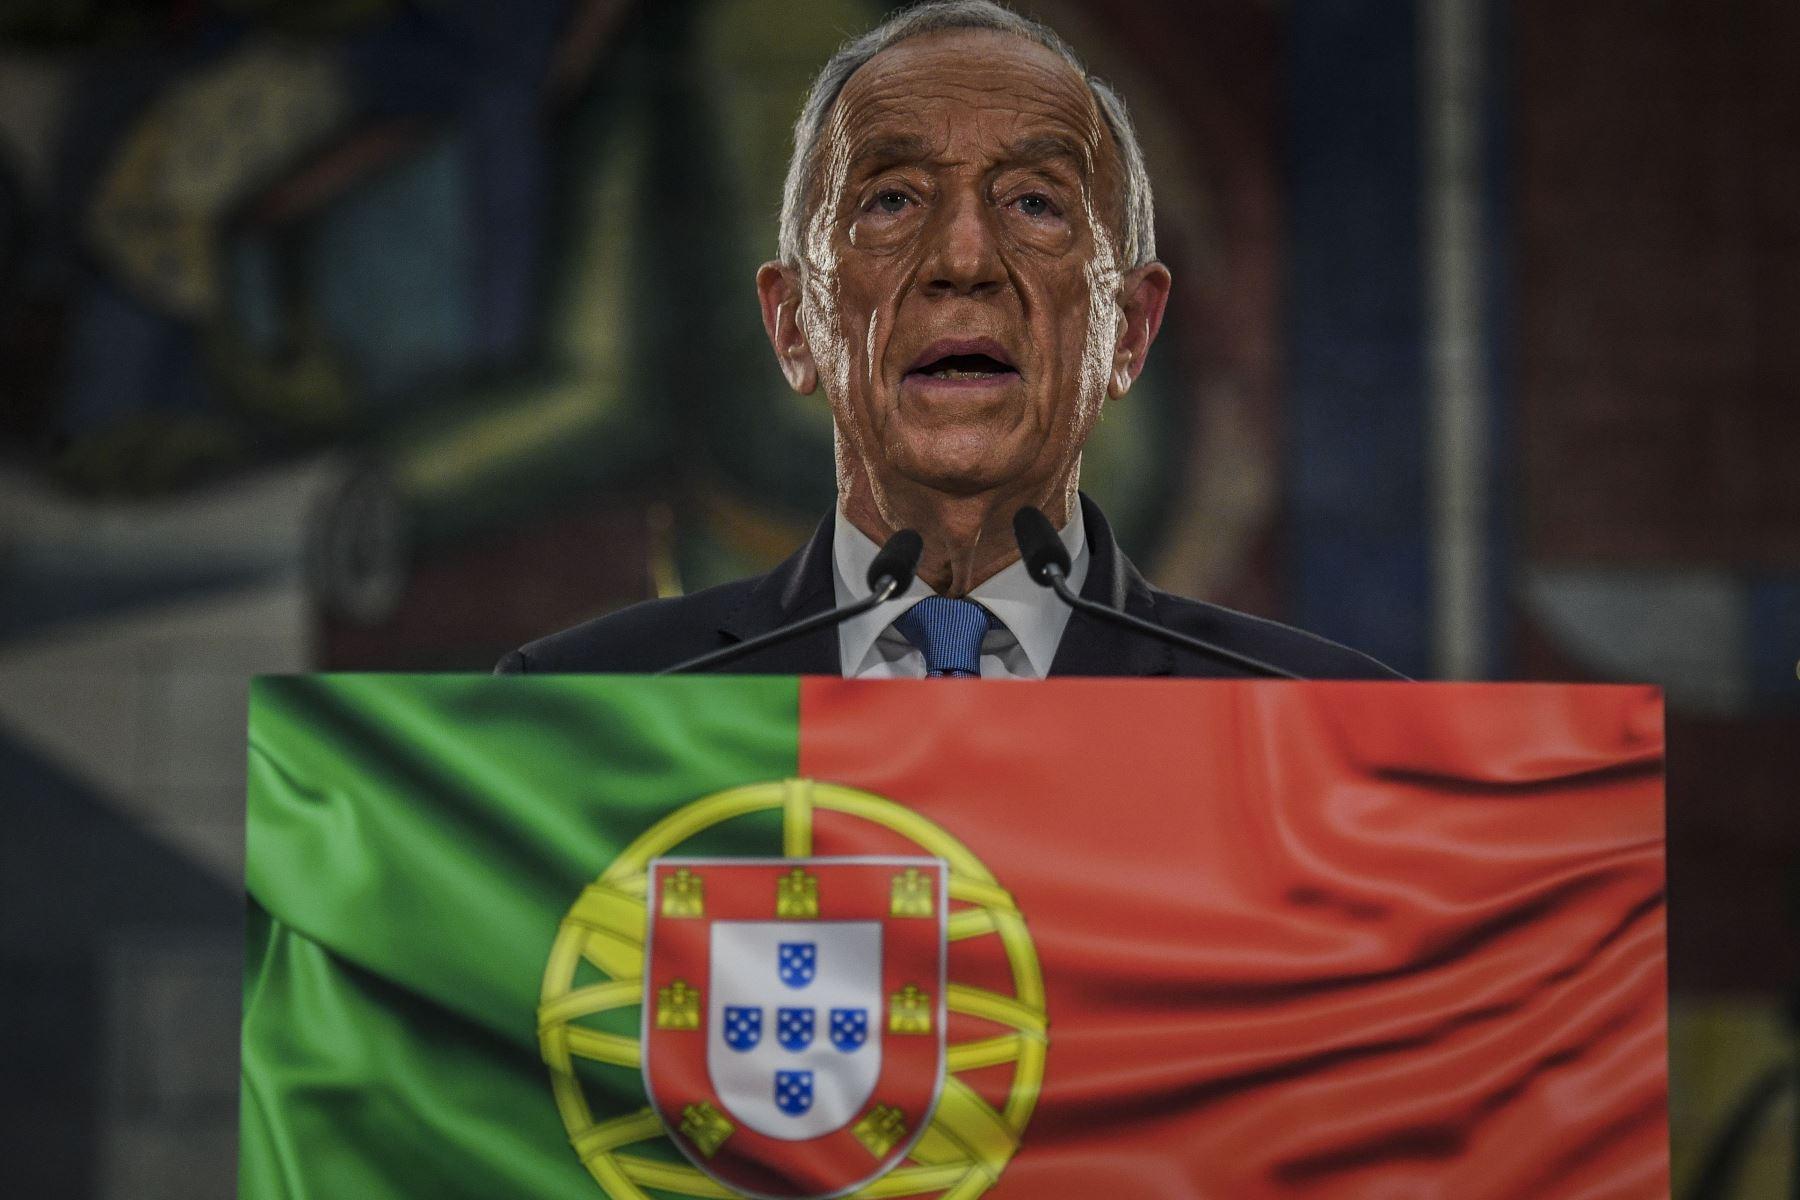 El candidato presidencial Marcelo Rebelo de Sousa pronuncia su discurso de victoria después de haber sido reelegido como presidente de Portugal durante las elecciones presidenciales de 2021 en Lisboa.  Foto: AFP